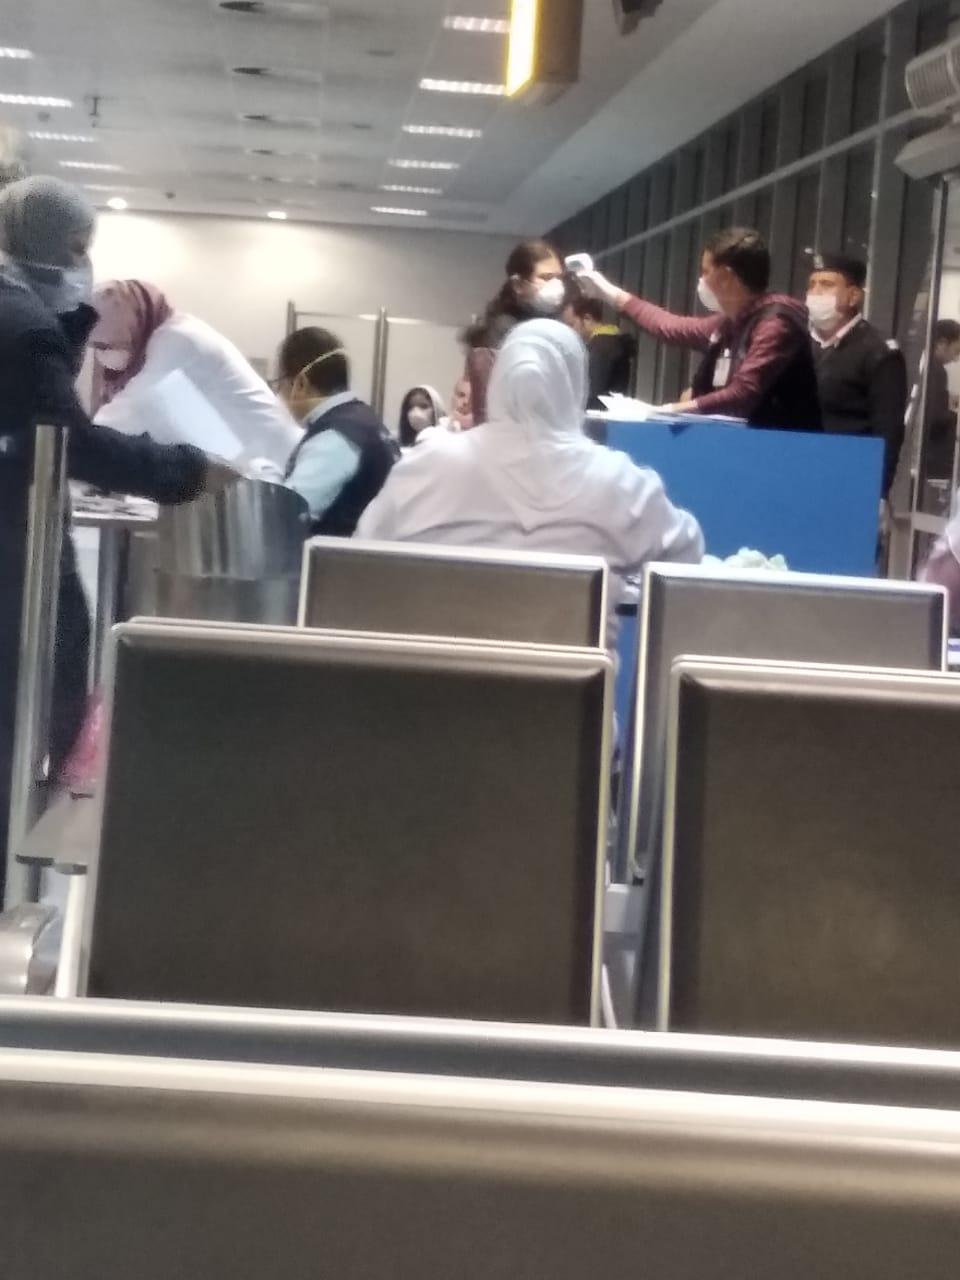 وصول المصريين العالقين فى لندن بسبب فيروس كورونا إلى مطار القاهرة (1)